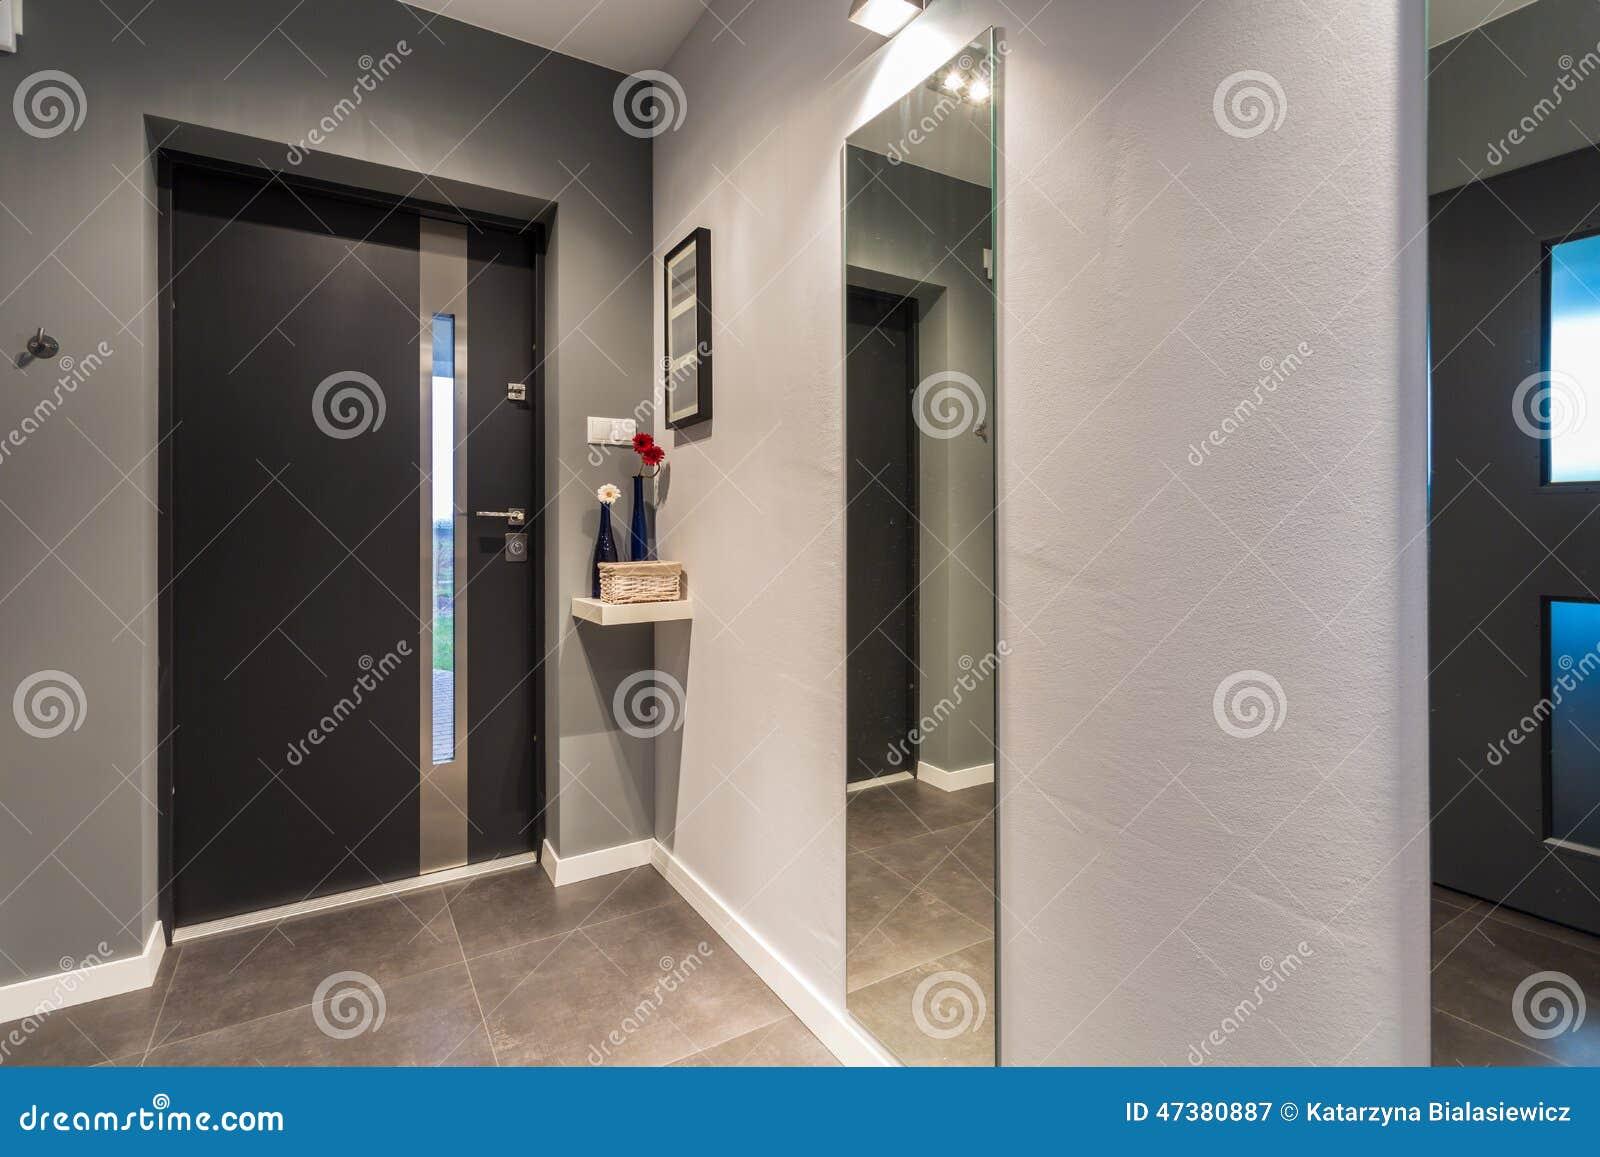 Haustür innen  Haustür - Ansicht Von Innen Stockfoto - Bild: 47380887